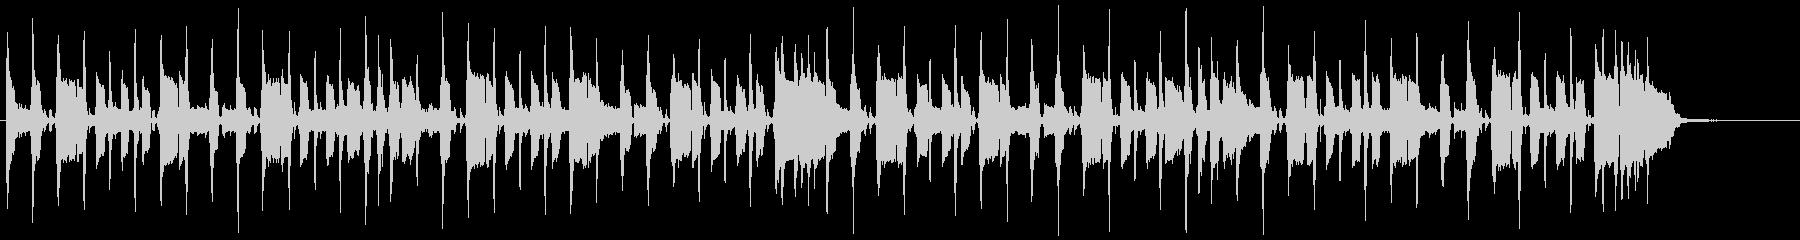 エレキギターのリフが印象的なバンドBGMの未再生の波形